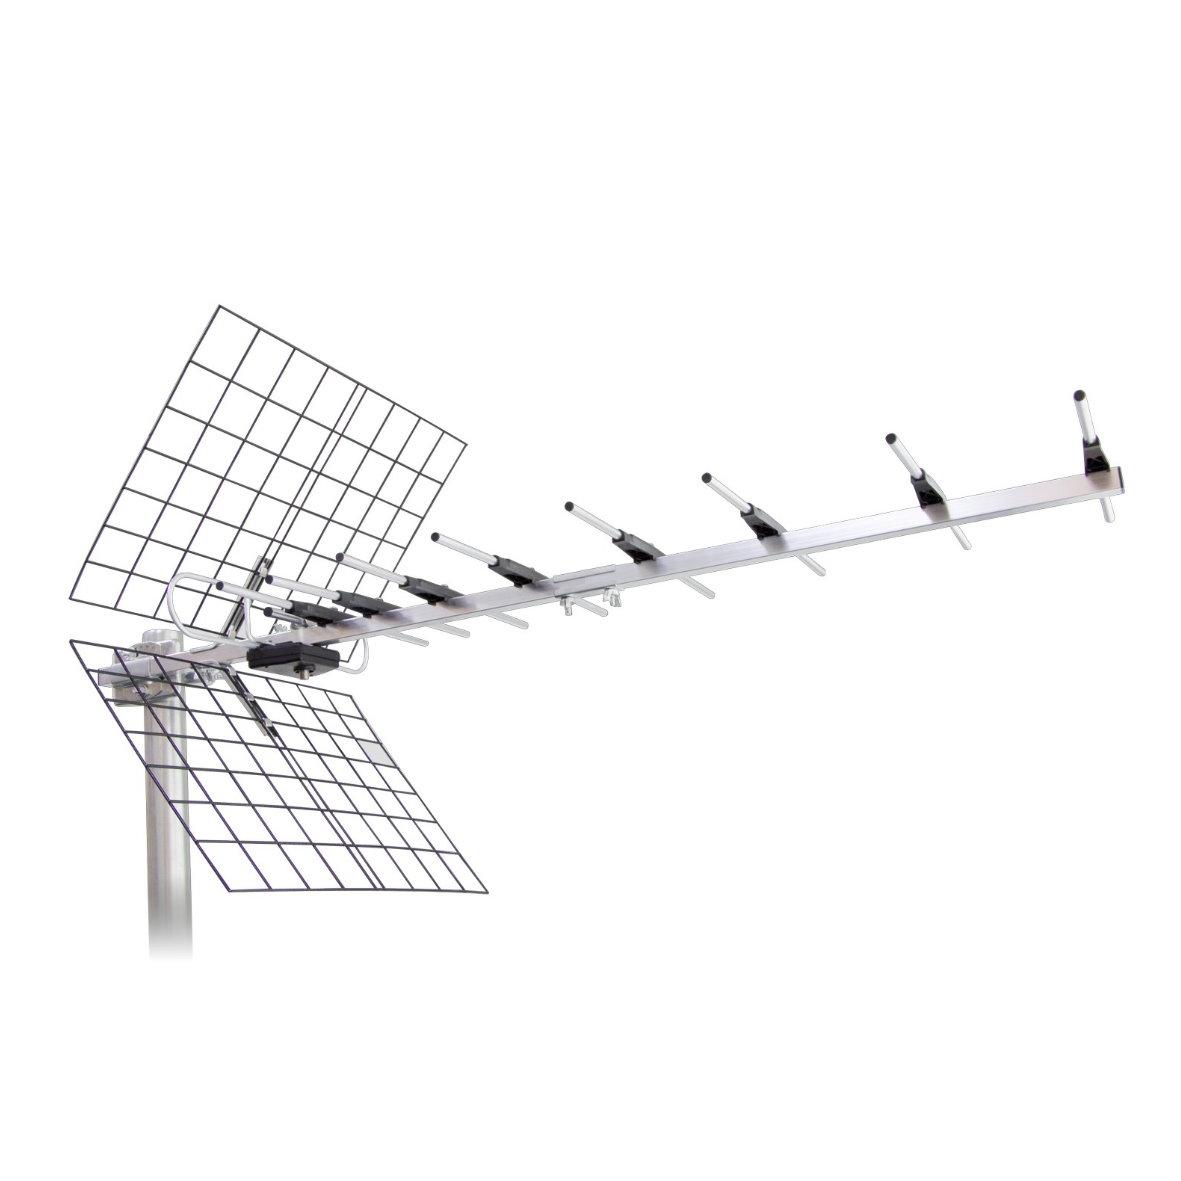 Maximum dvb t antenne amplificateur int rieur ext rieur for Amplificateur antenne interieur